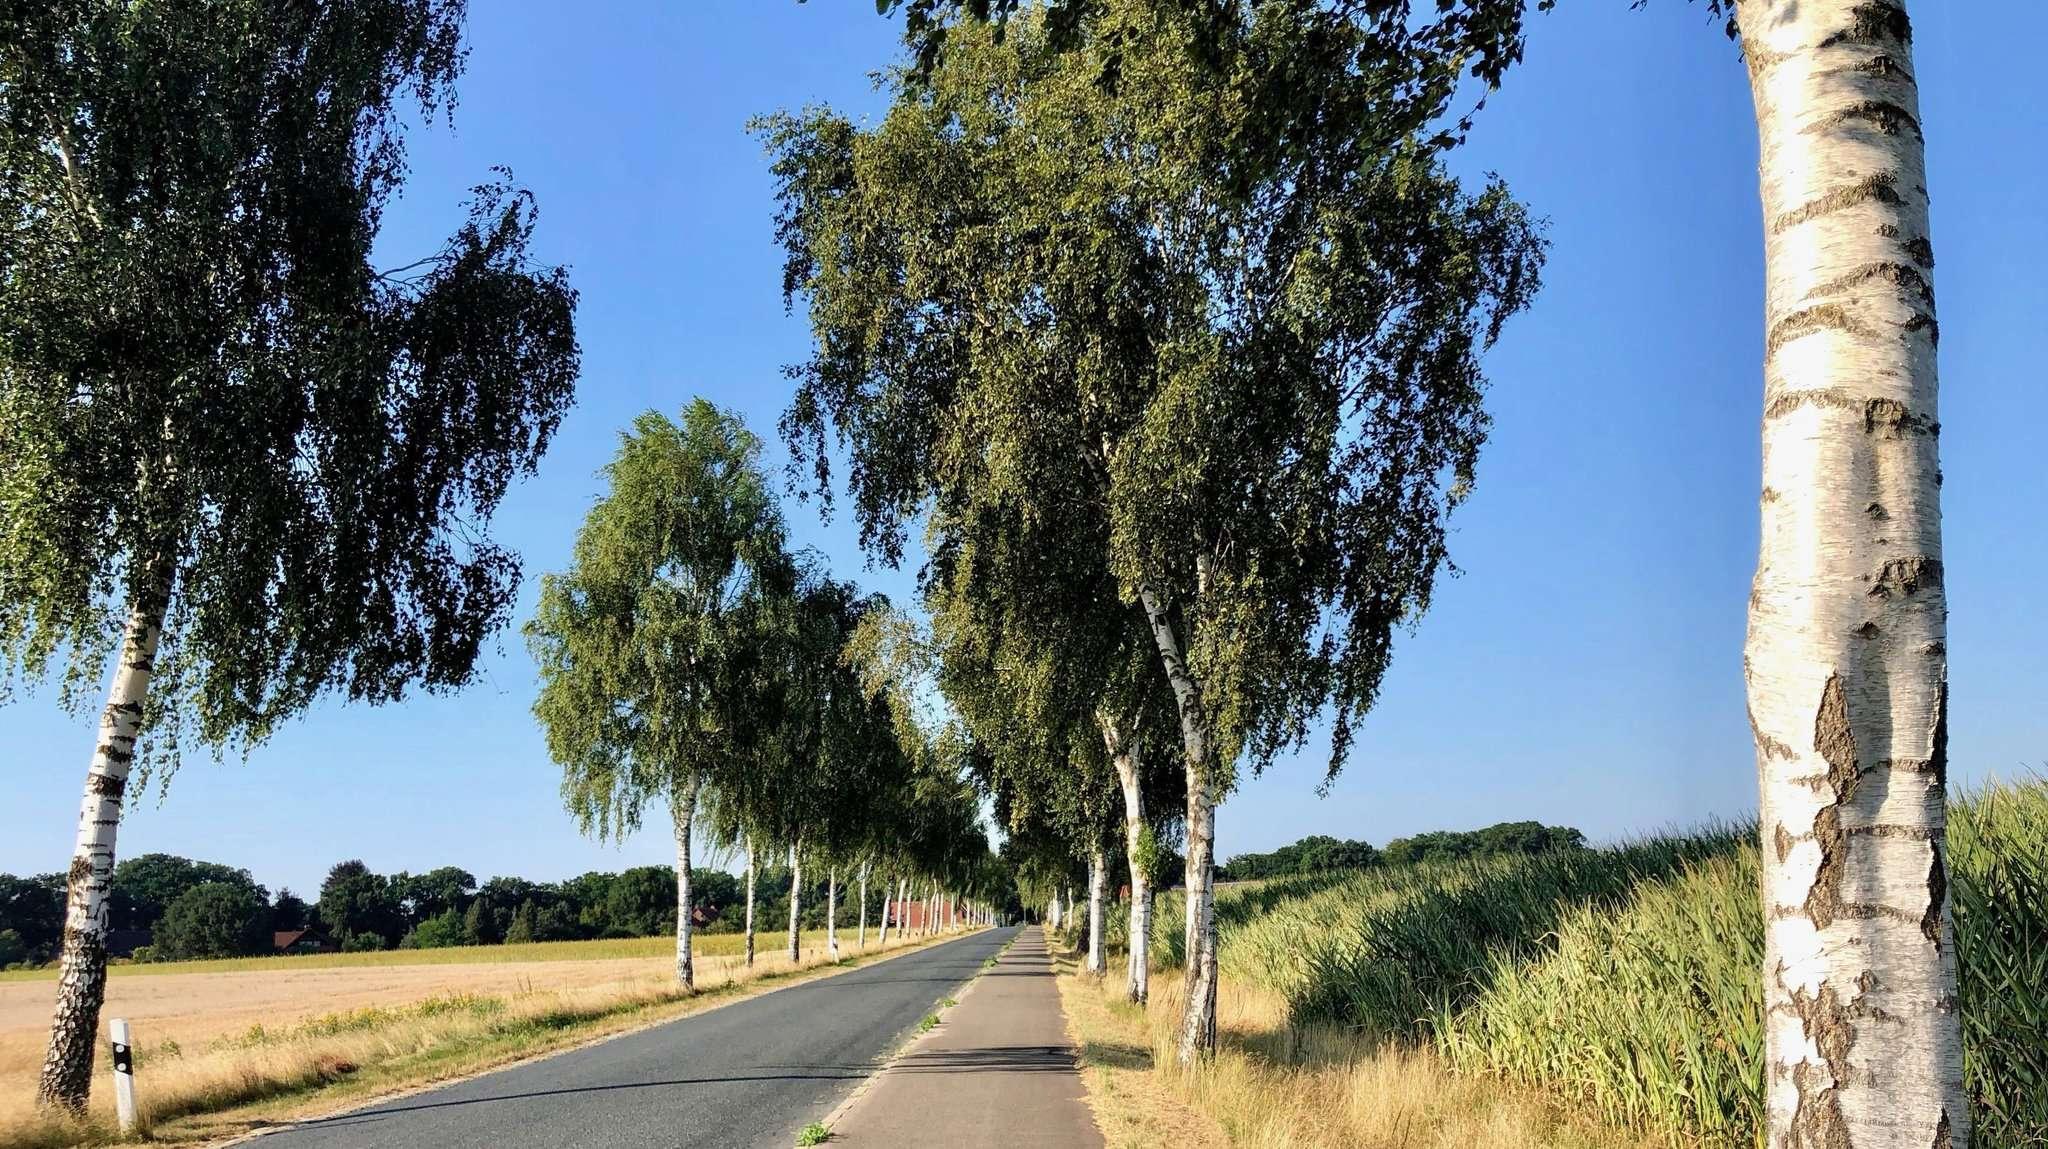 Strahlende Sonne, Hitze - das Sommerwetter ist schön, führt aber zu großer Trockenheit.